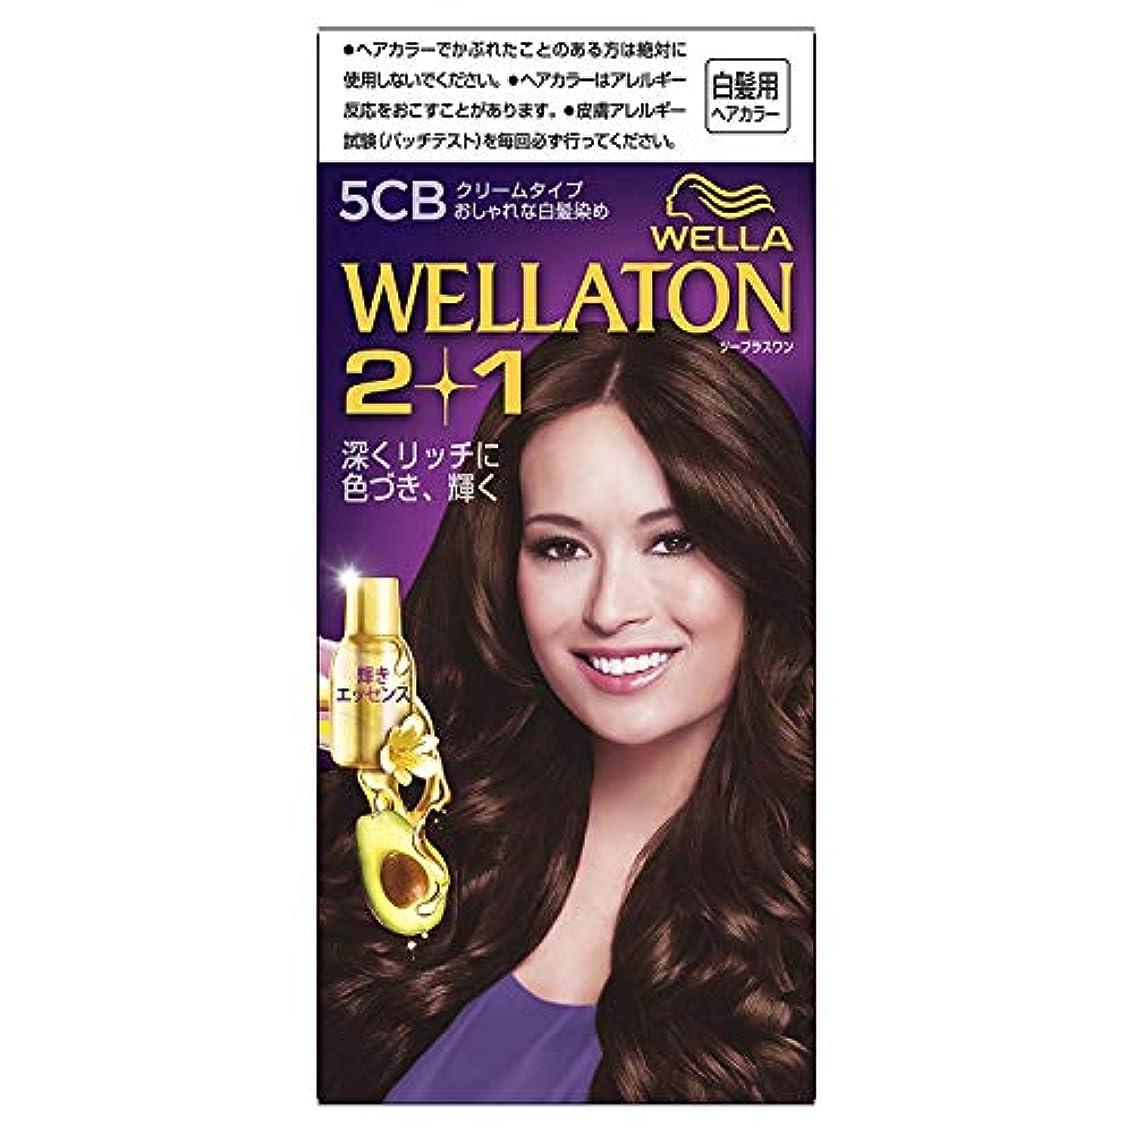 買うテクトニック鋸歯状ウエラトーン2+1 白髪染め クリームタイプ 5CB [医薬部外品] ×6個